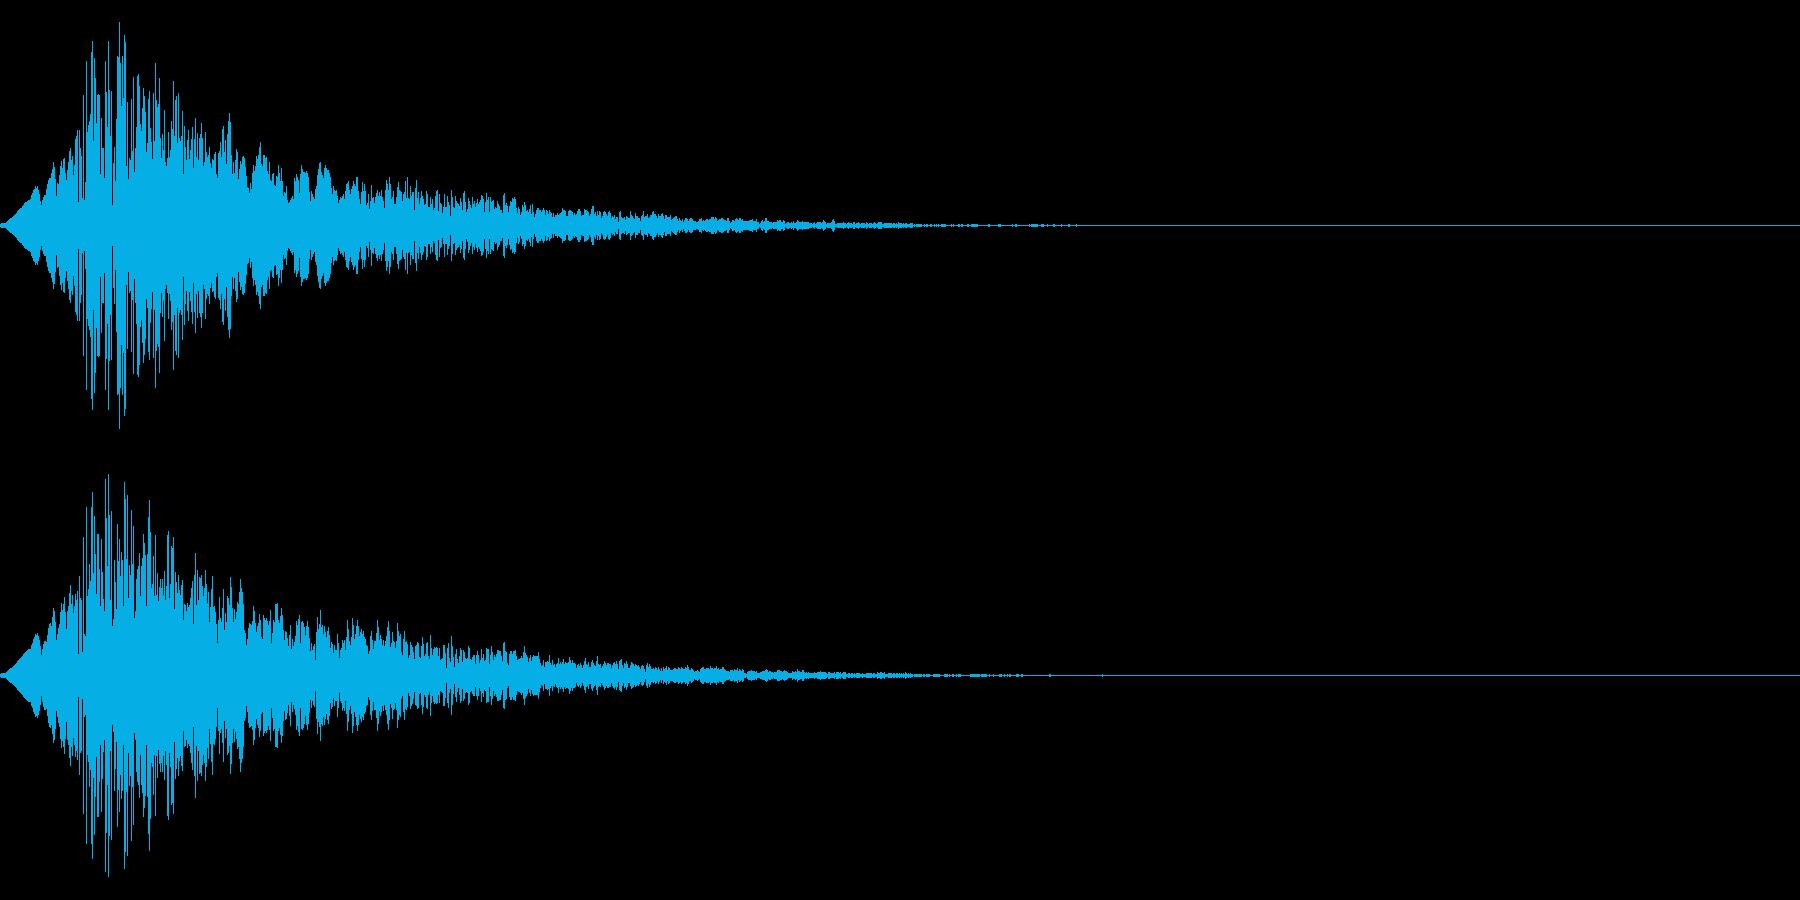 ポップでかわいい雰囲気のボタン音/選択音の再生済みの波形